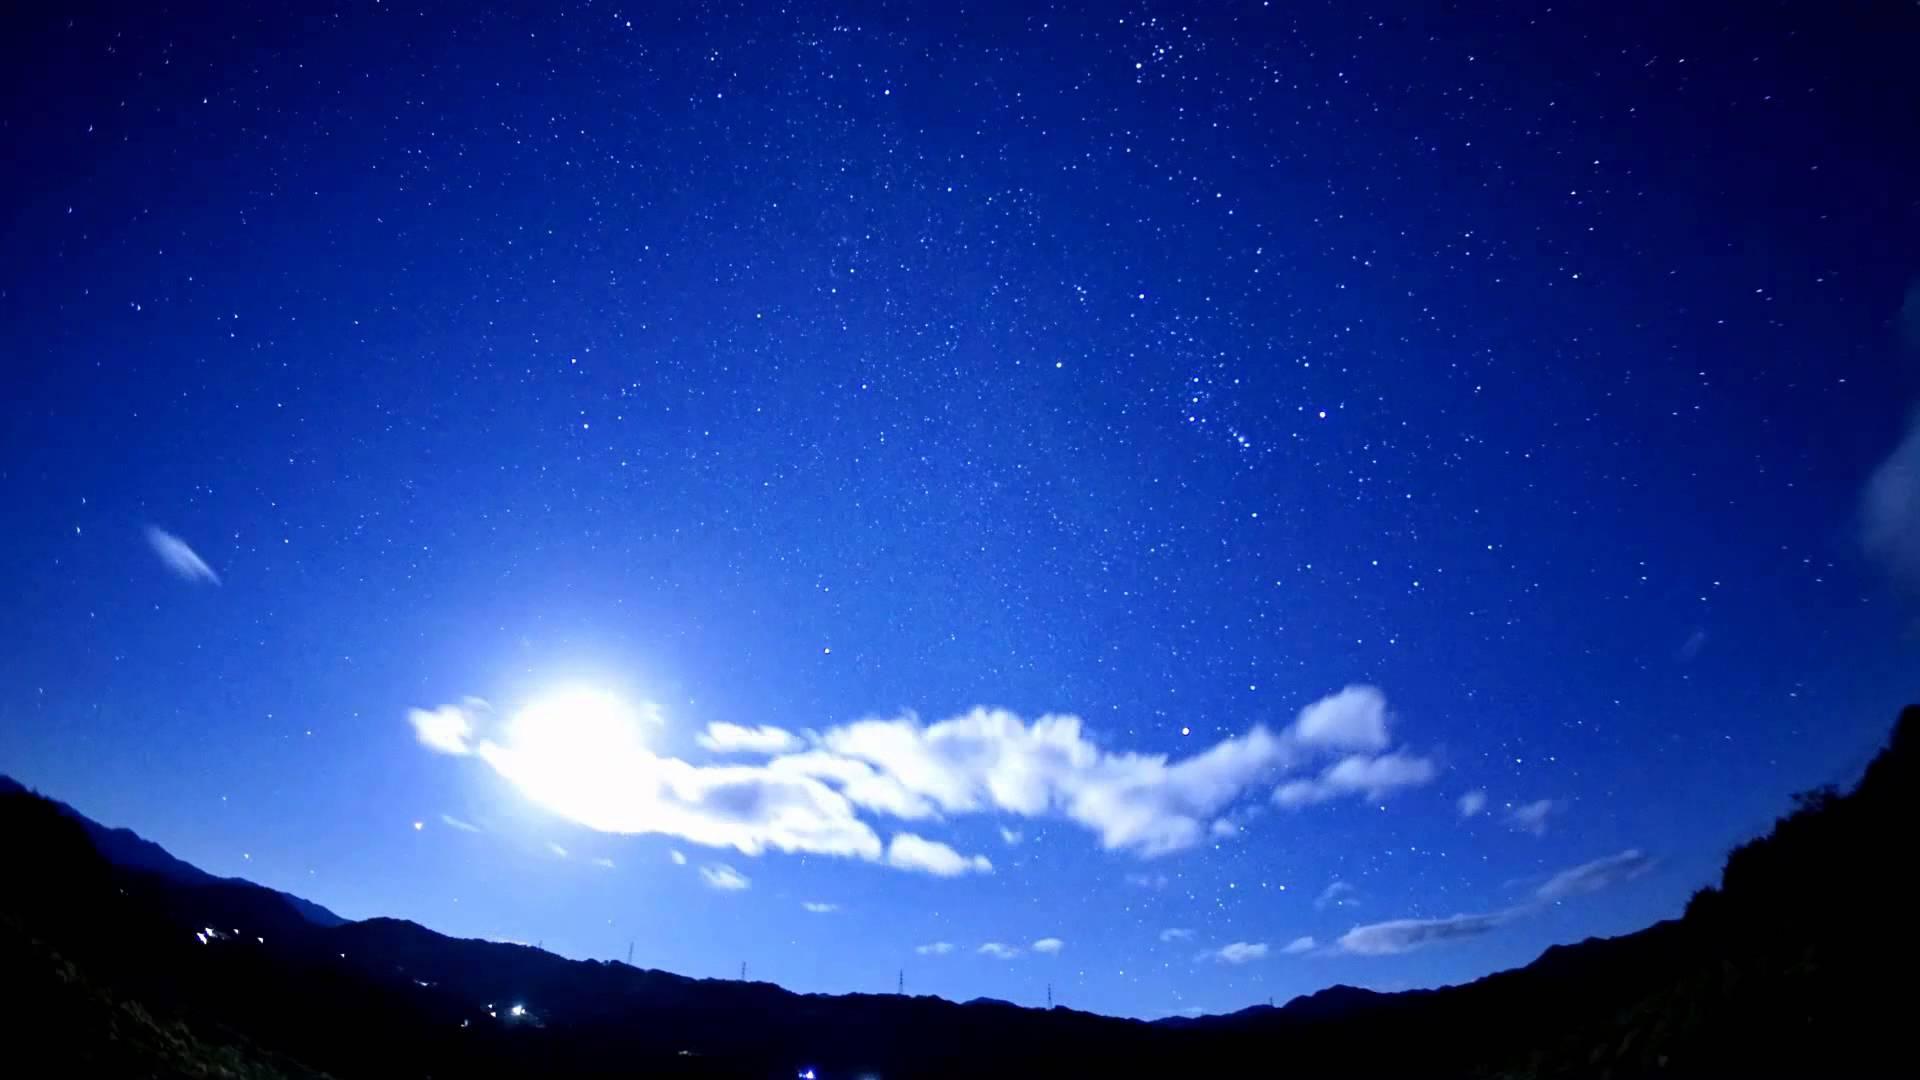 おうし座流星群見れました?